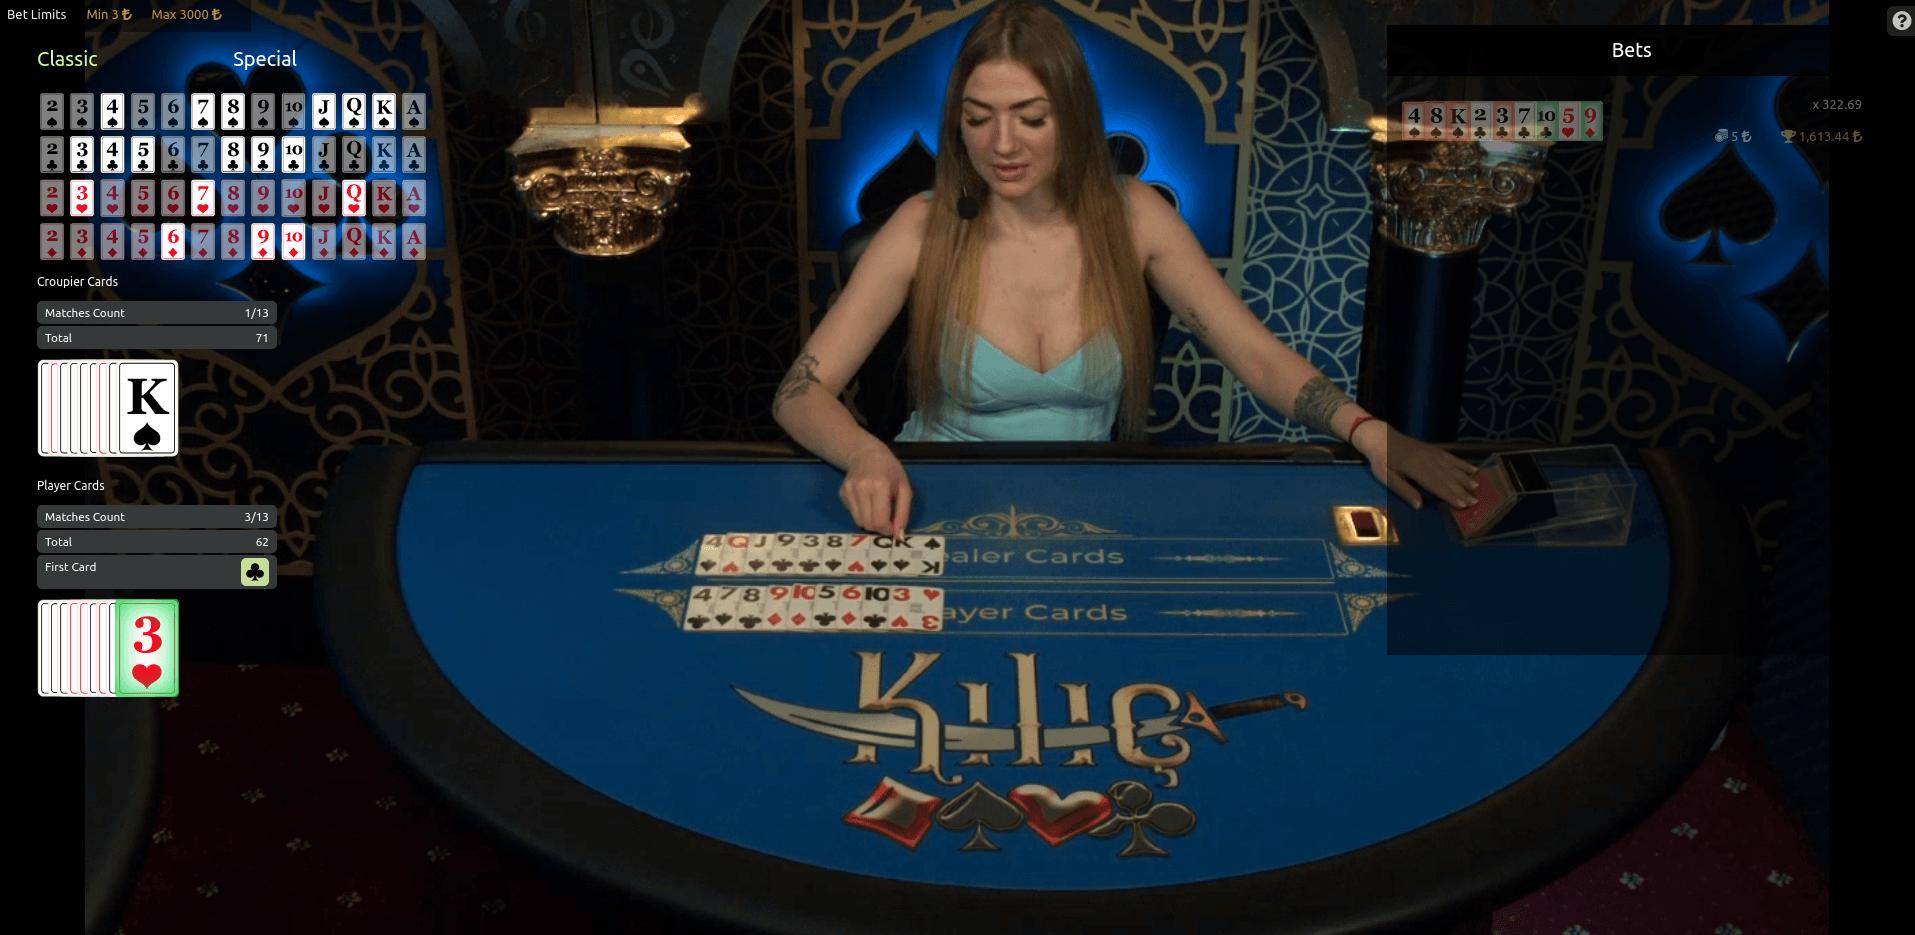 Casinos quickspin Brasil 39182